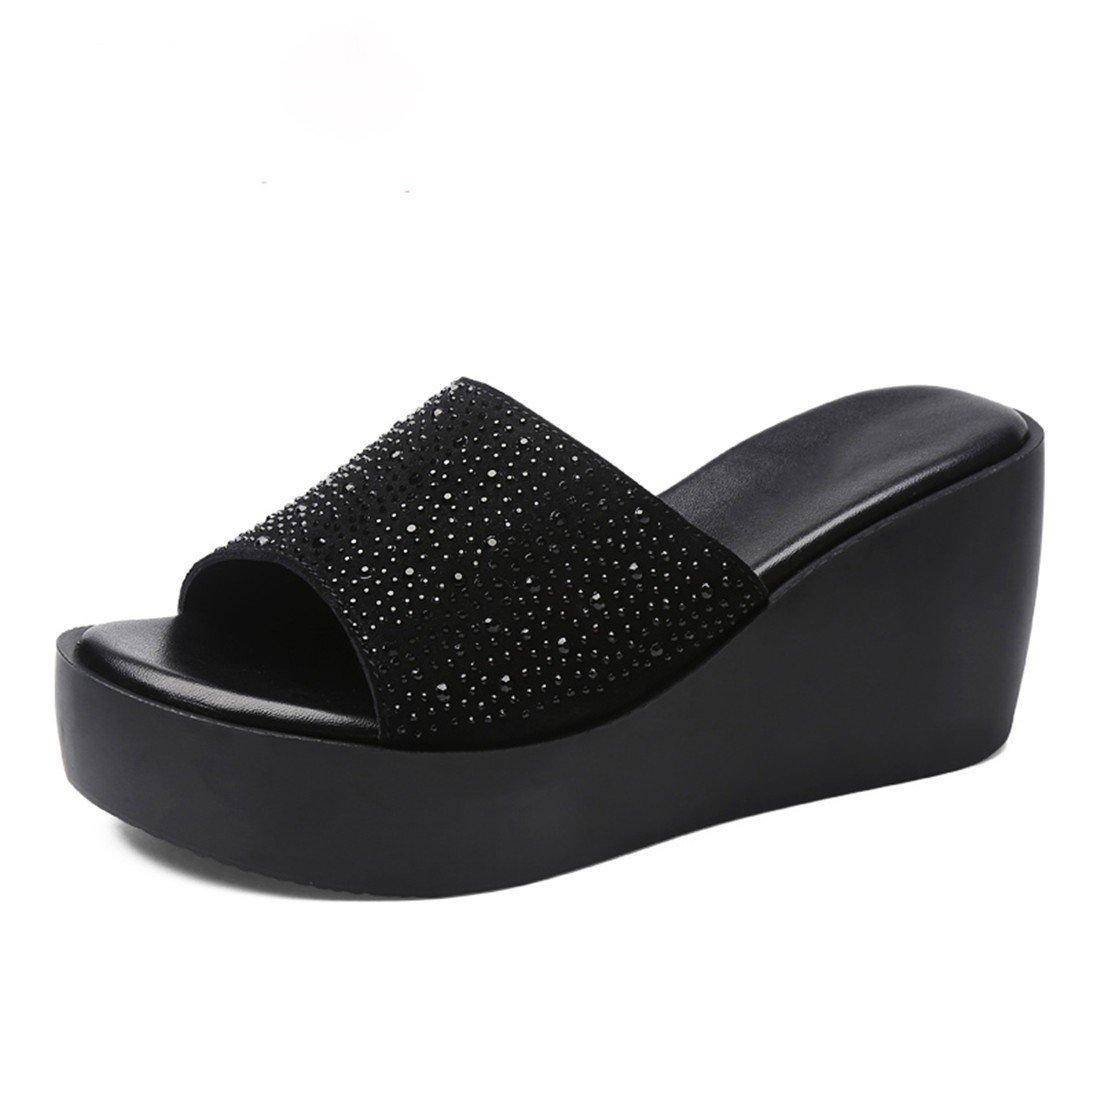 Sommer Damen Pantoffeln Sandalen Mode High Heel dicken Boden Pantoffeln schwarz 39